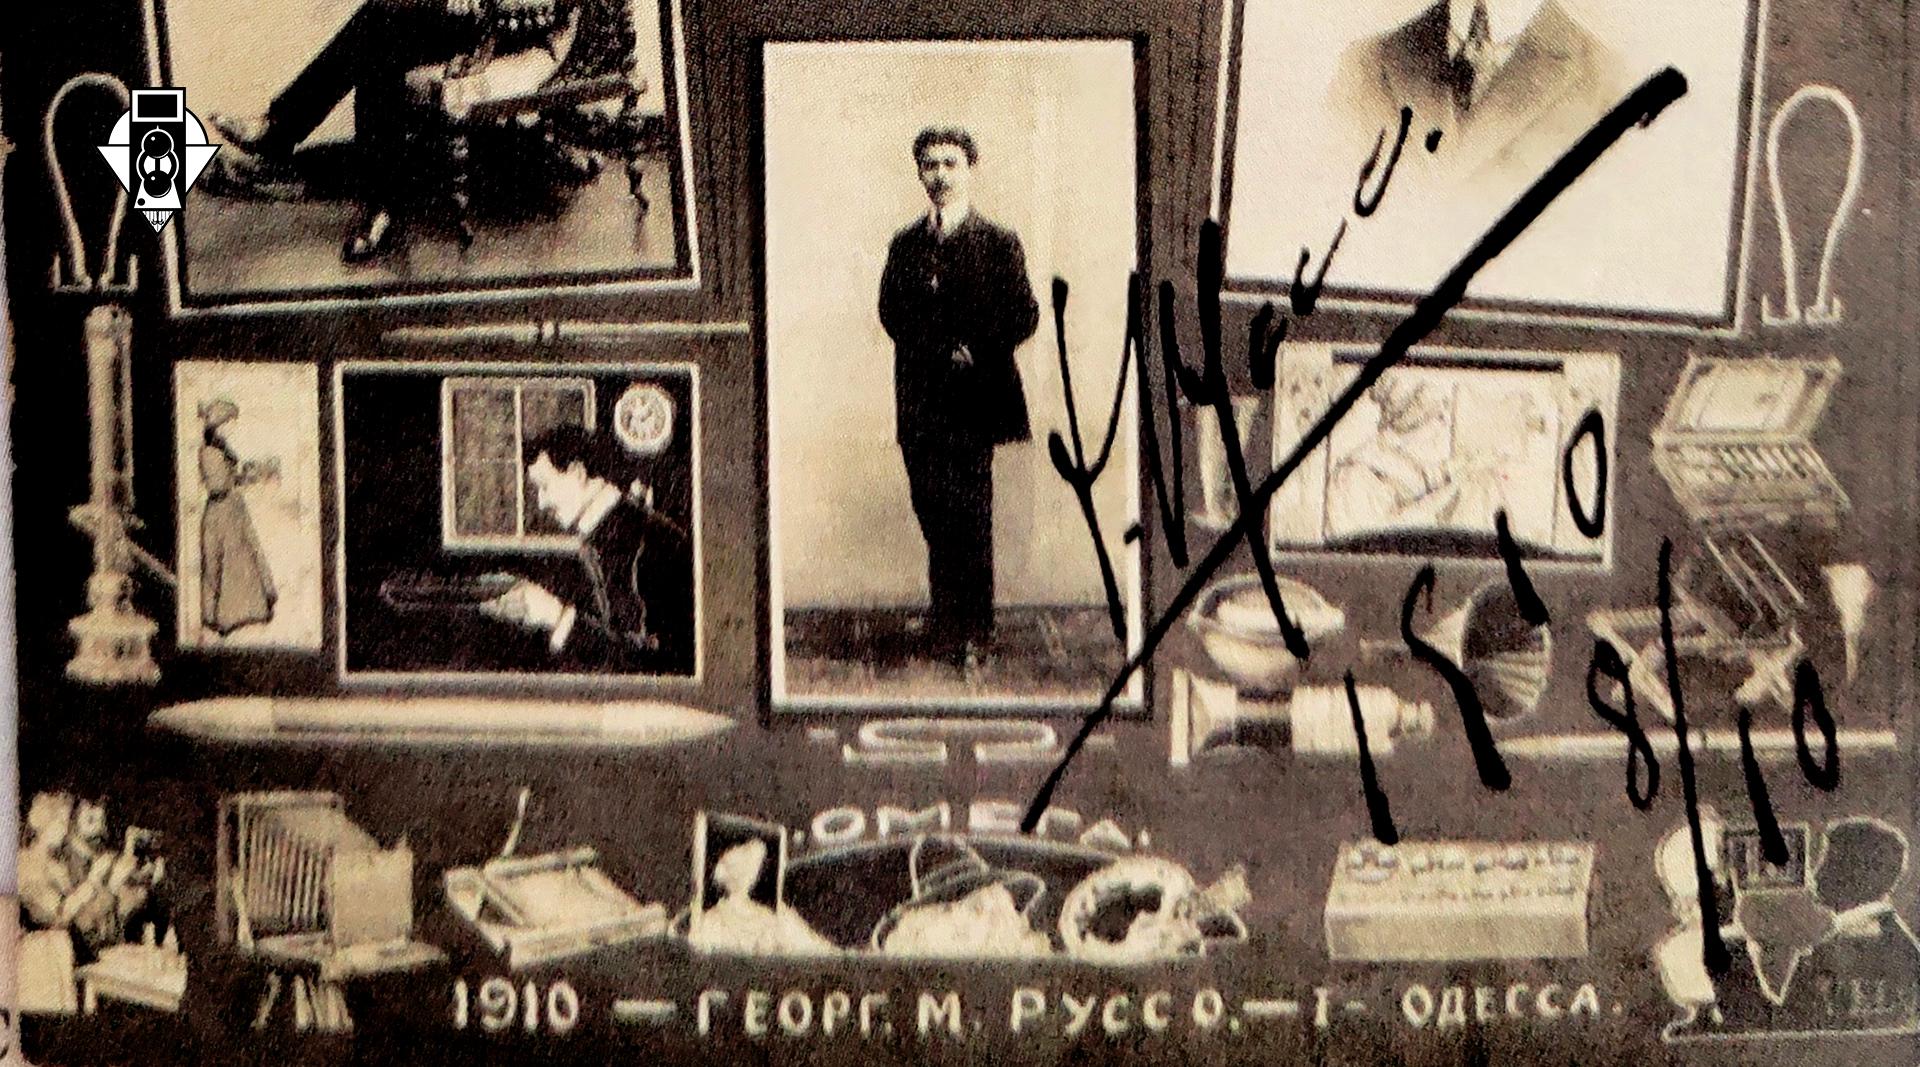 Фотограф-любитель Г.М. Руссо (1888-1918). ОФО